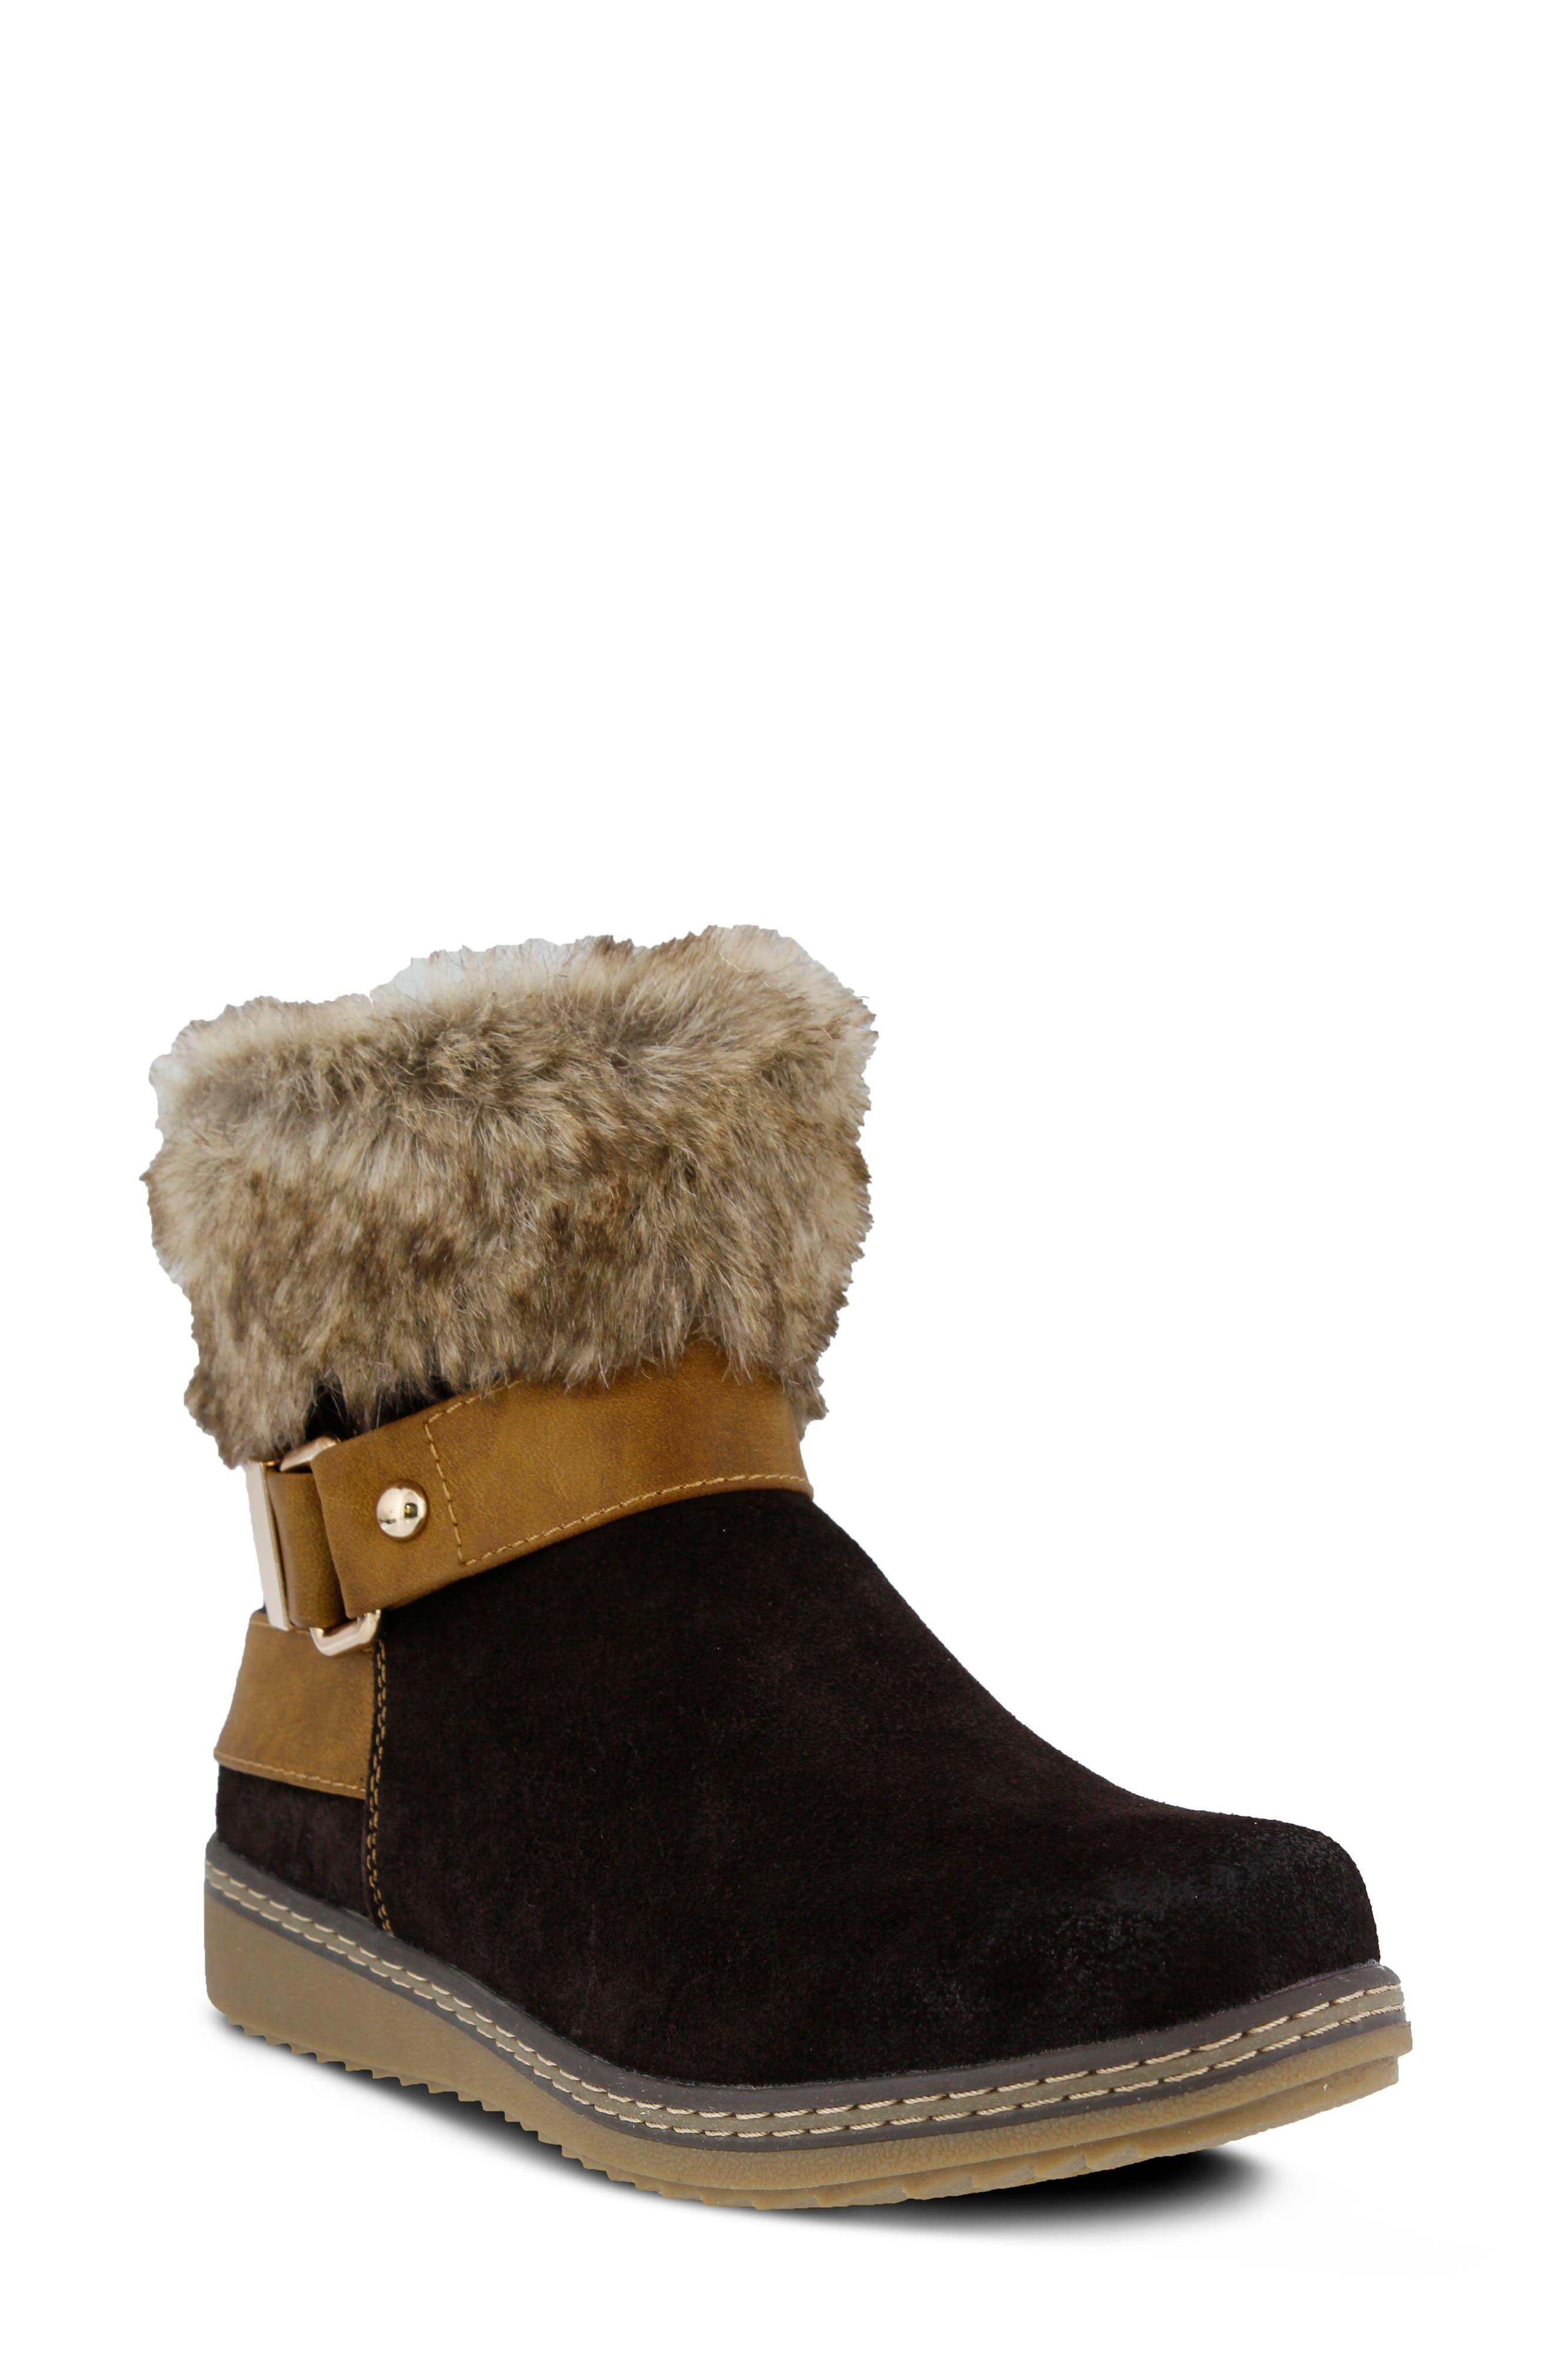 Spring Step Water Resistant Faux Fur Bootie - Brown